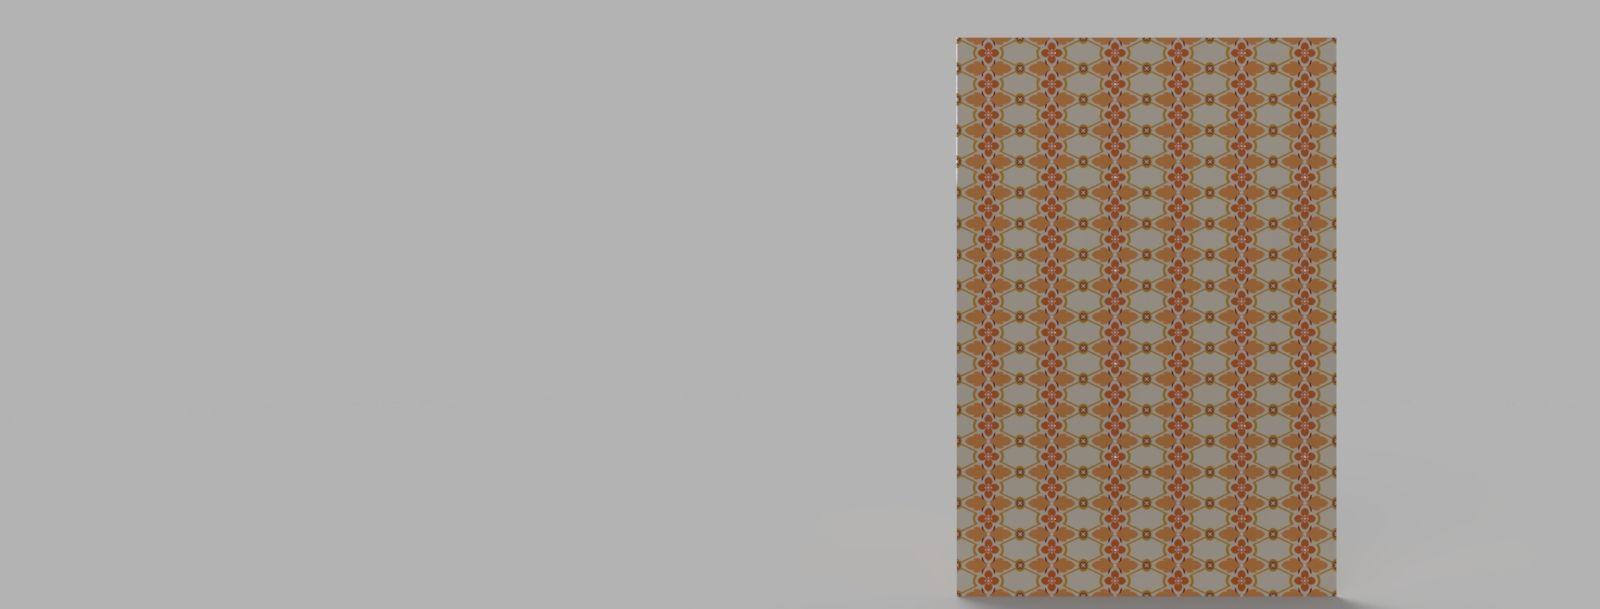 Raasrendering-7d68788b-c971-4d72-a216-7d43bcd21fe5-3500-3500